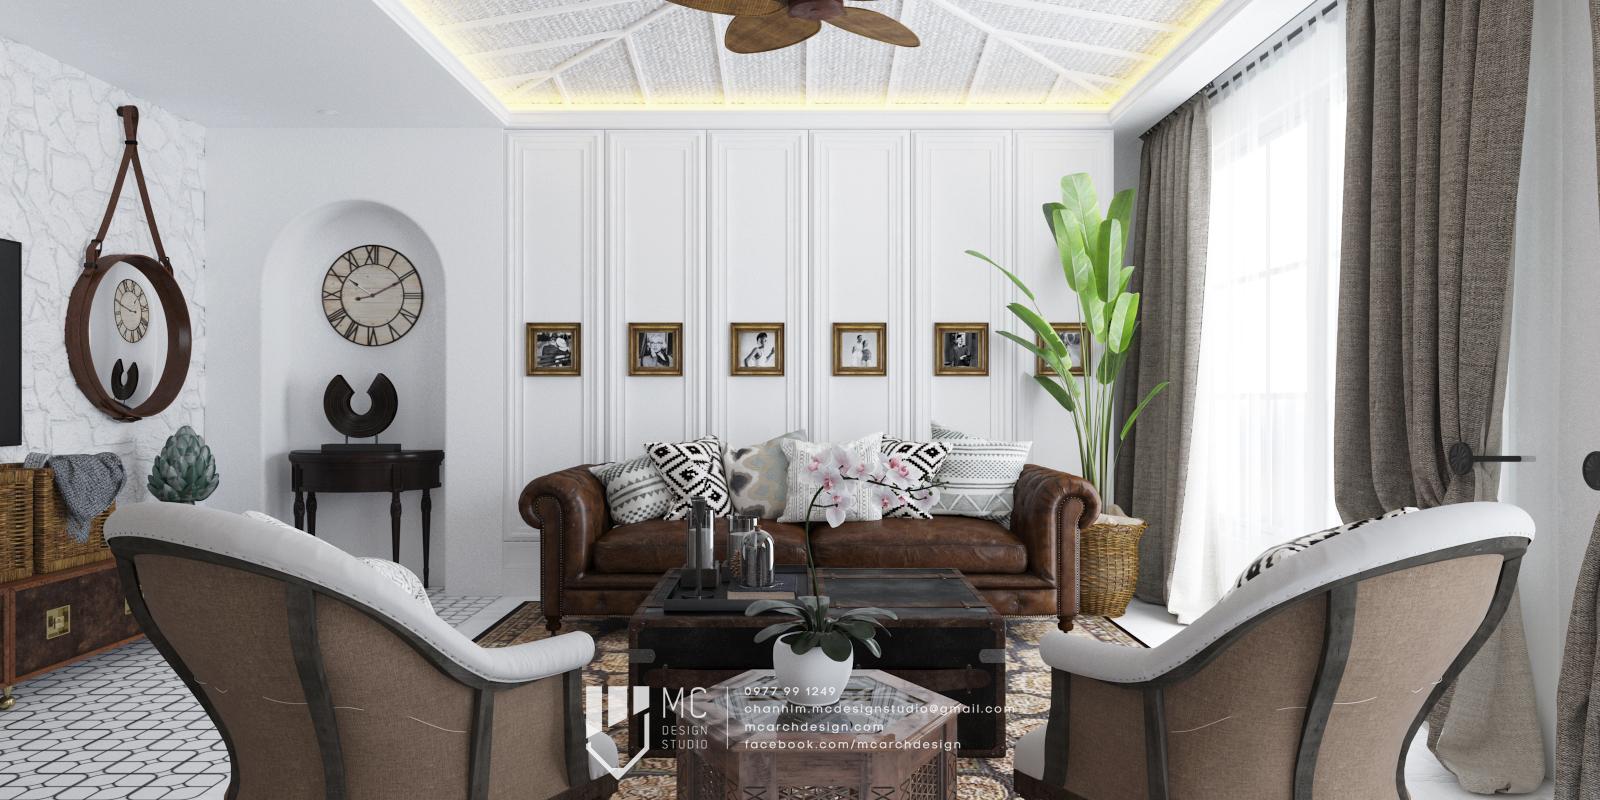 Thiết kế nội thất Chung Cư tại Hồ Chí Minh RIVIERA POINT - 4BS1 1588587333 0